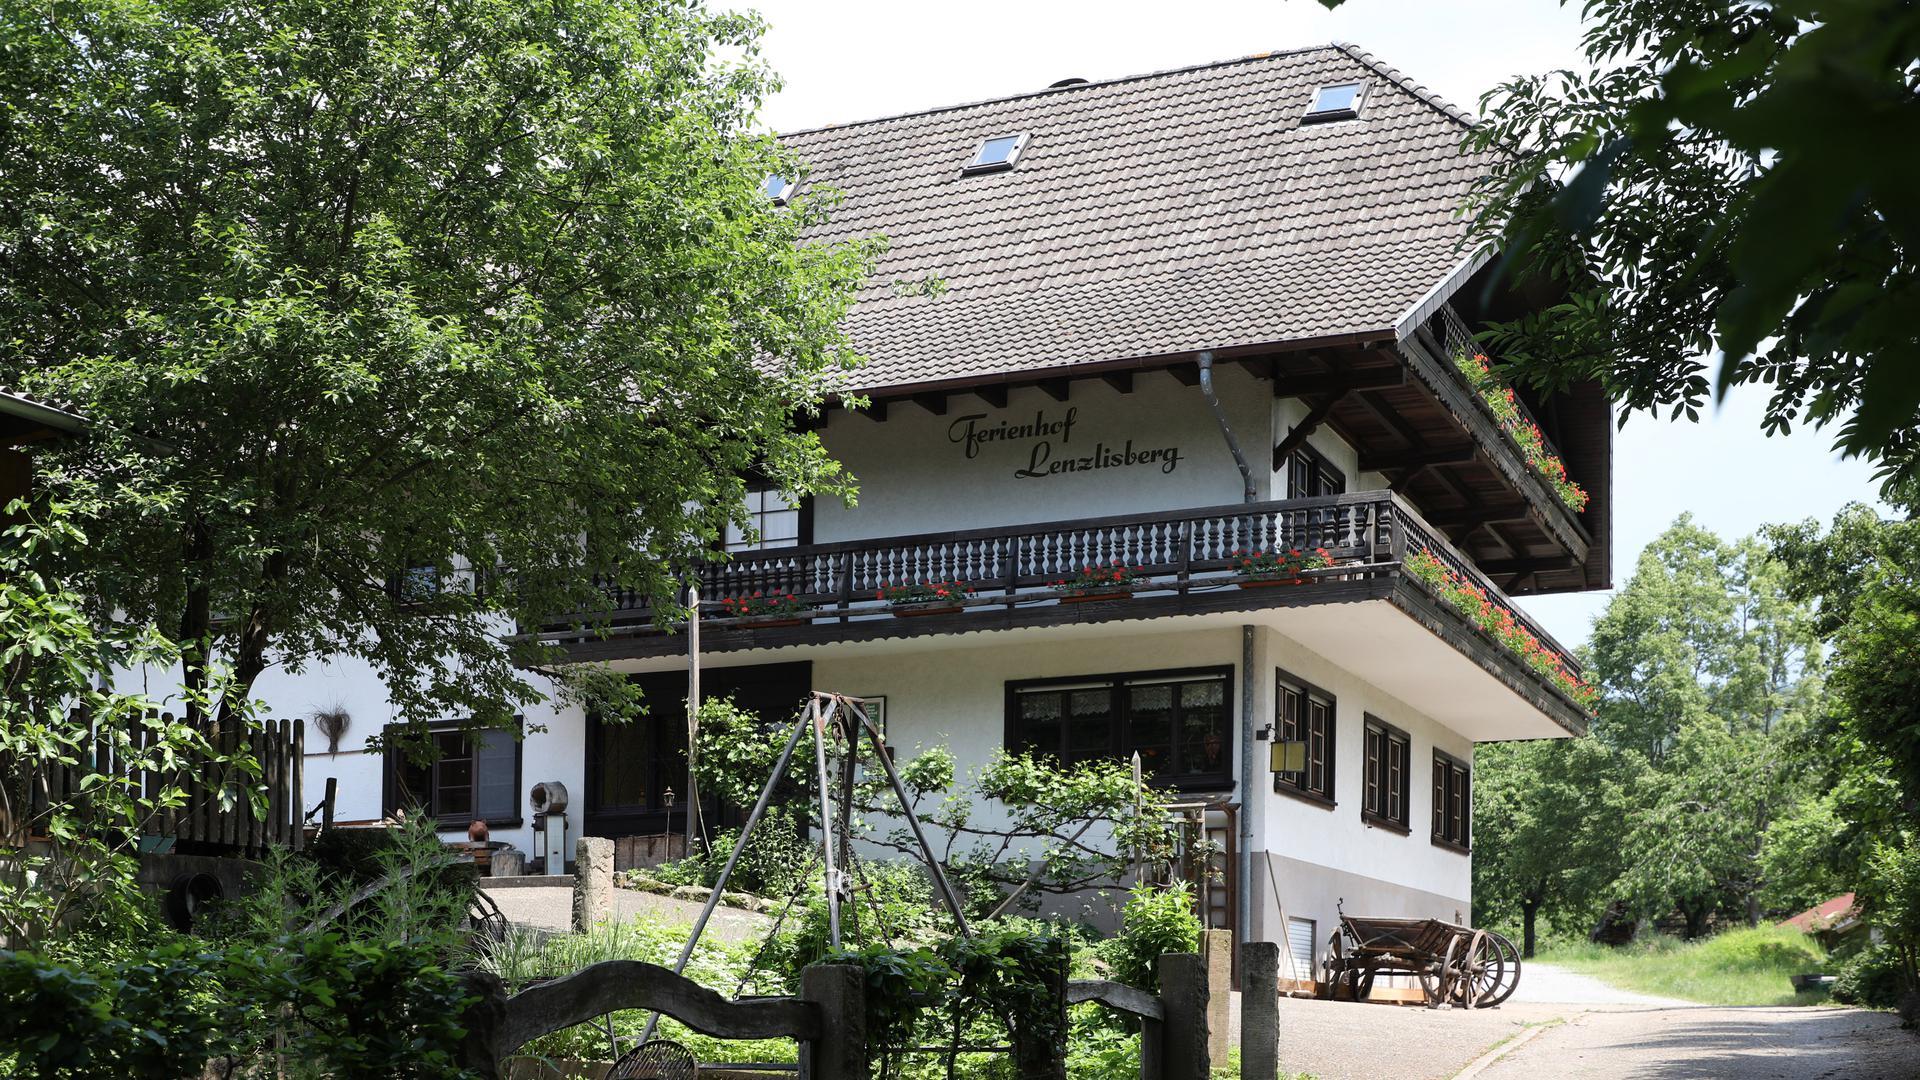 Kein Zutritt für Geimpfte: Die Betreiberin des Ferienhofs Lenzlisberg im Ortenaukreis möchte nach eigenen Angaben Nicht-Geimpfte bevorzugen und hat daher schon geimpfte Gäste abgelehnt.